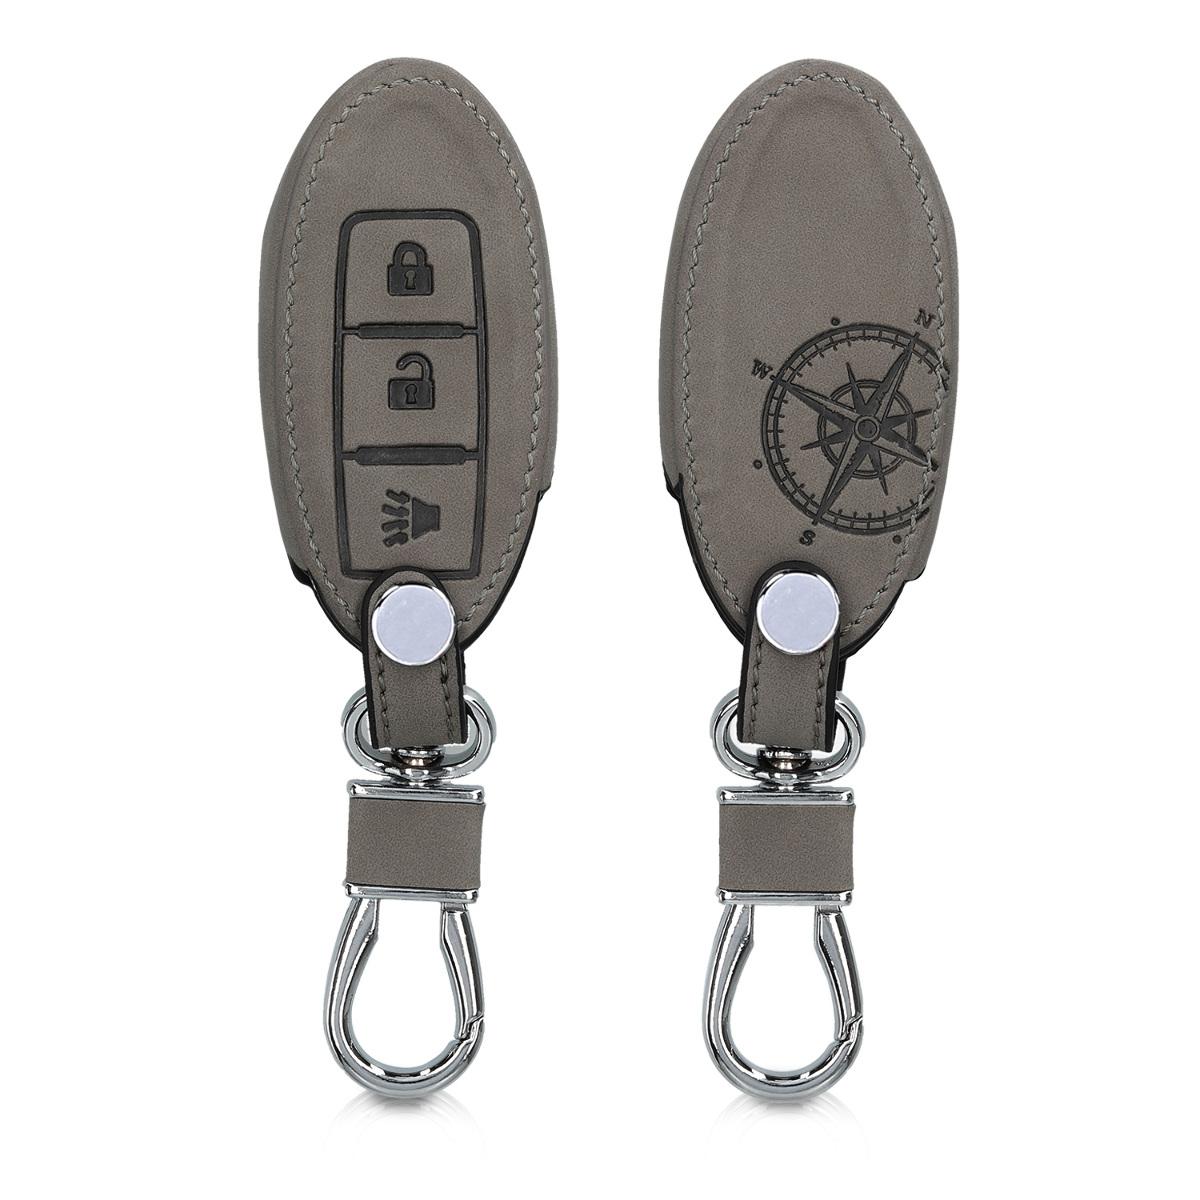 KW PU Leather Θήκη Κλειδιού Nissan - 3 Κουμπιά - Grey (49596.01)